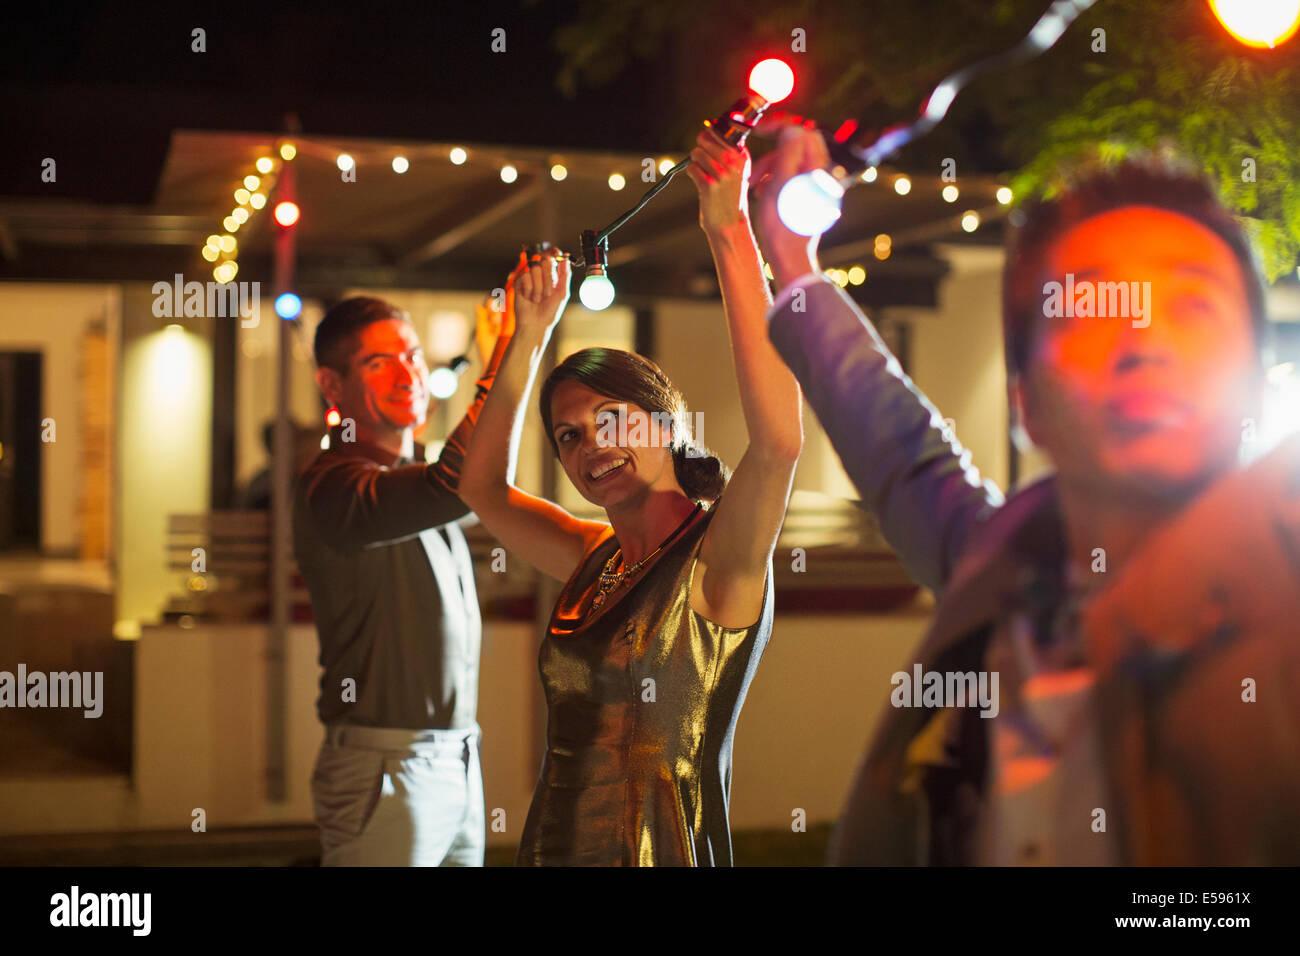 Freunde, die Bespannung Lichter auf Outdoor-party Stockbild